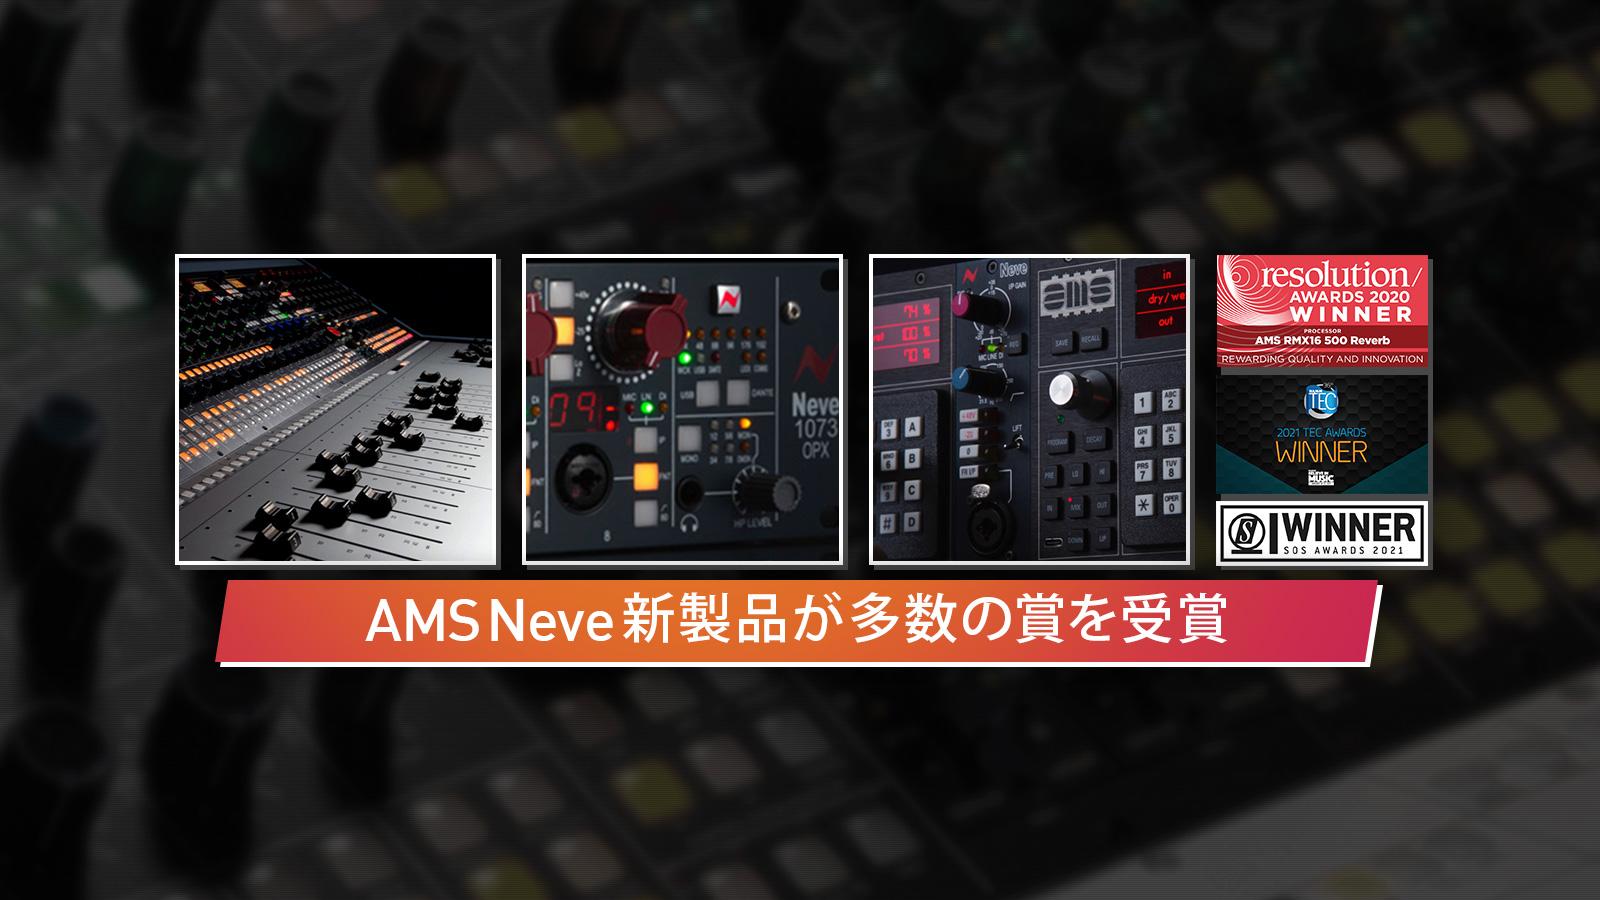 2021年、AMSNeve新製品が多数の賞を受賞